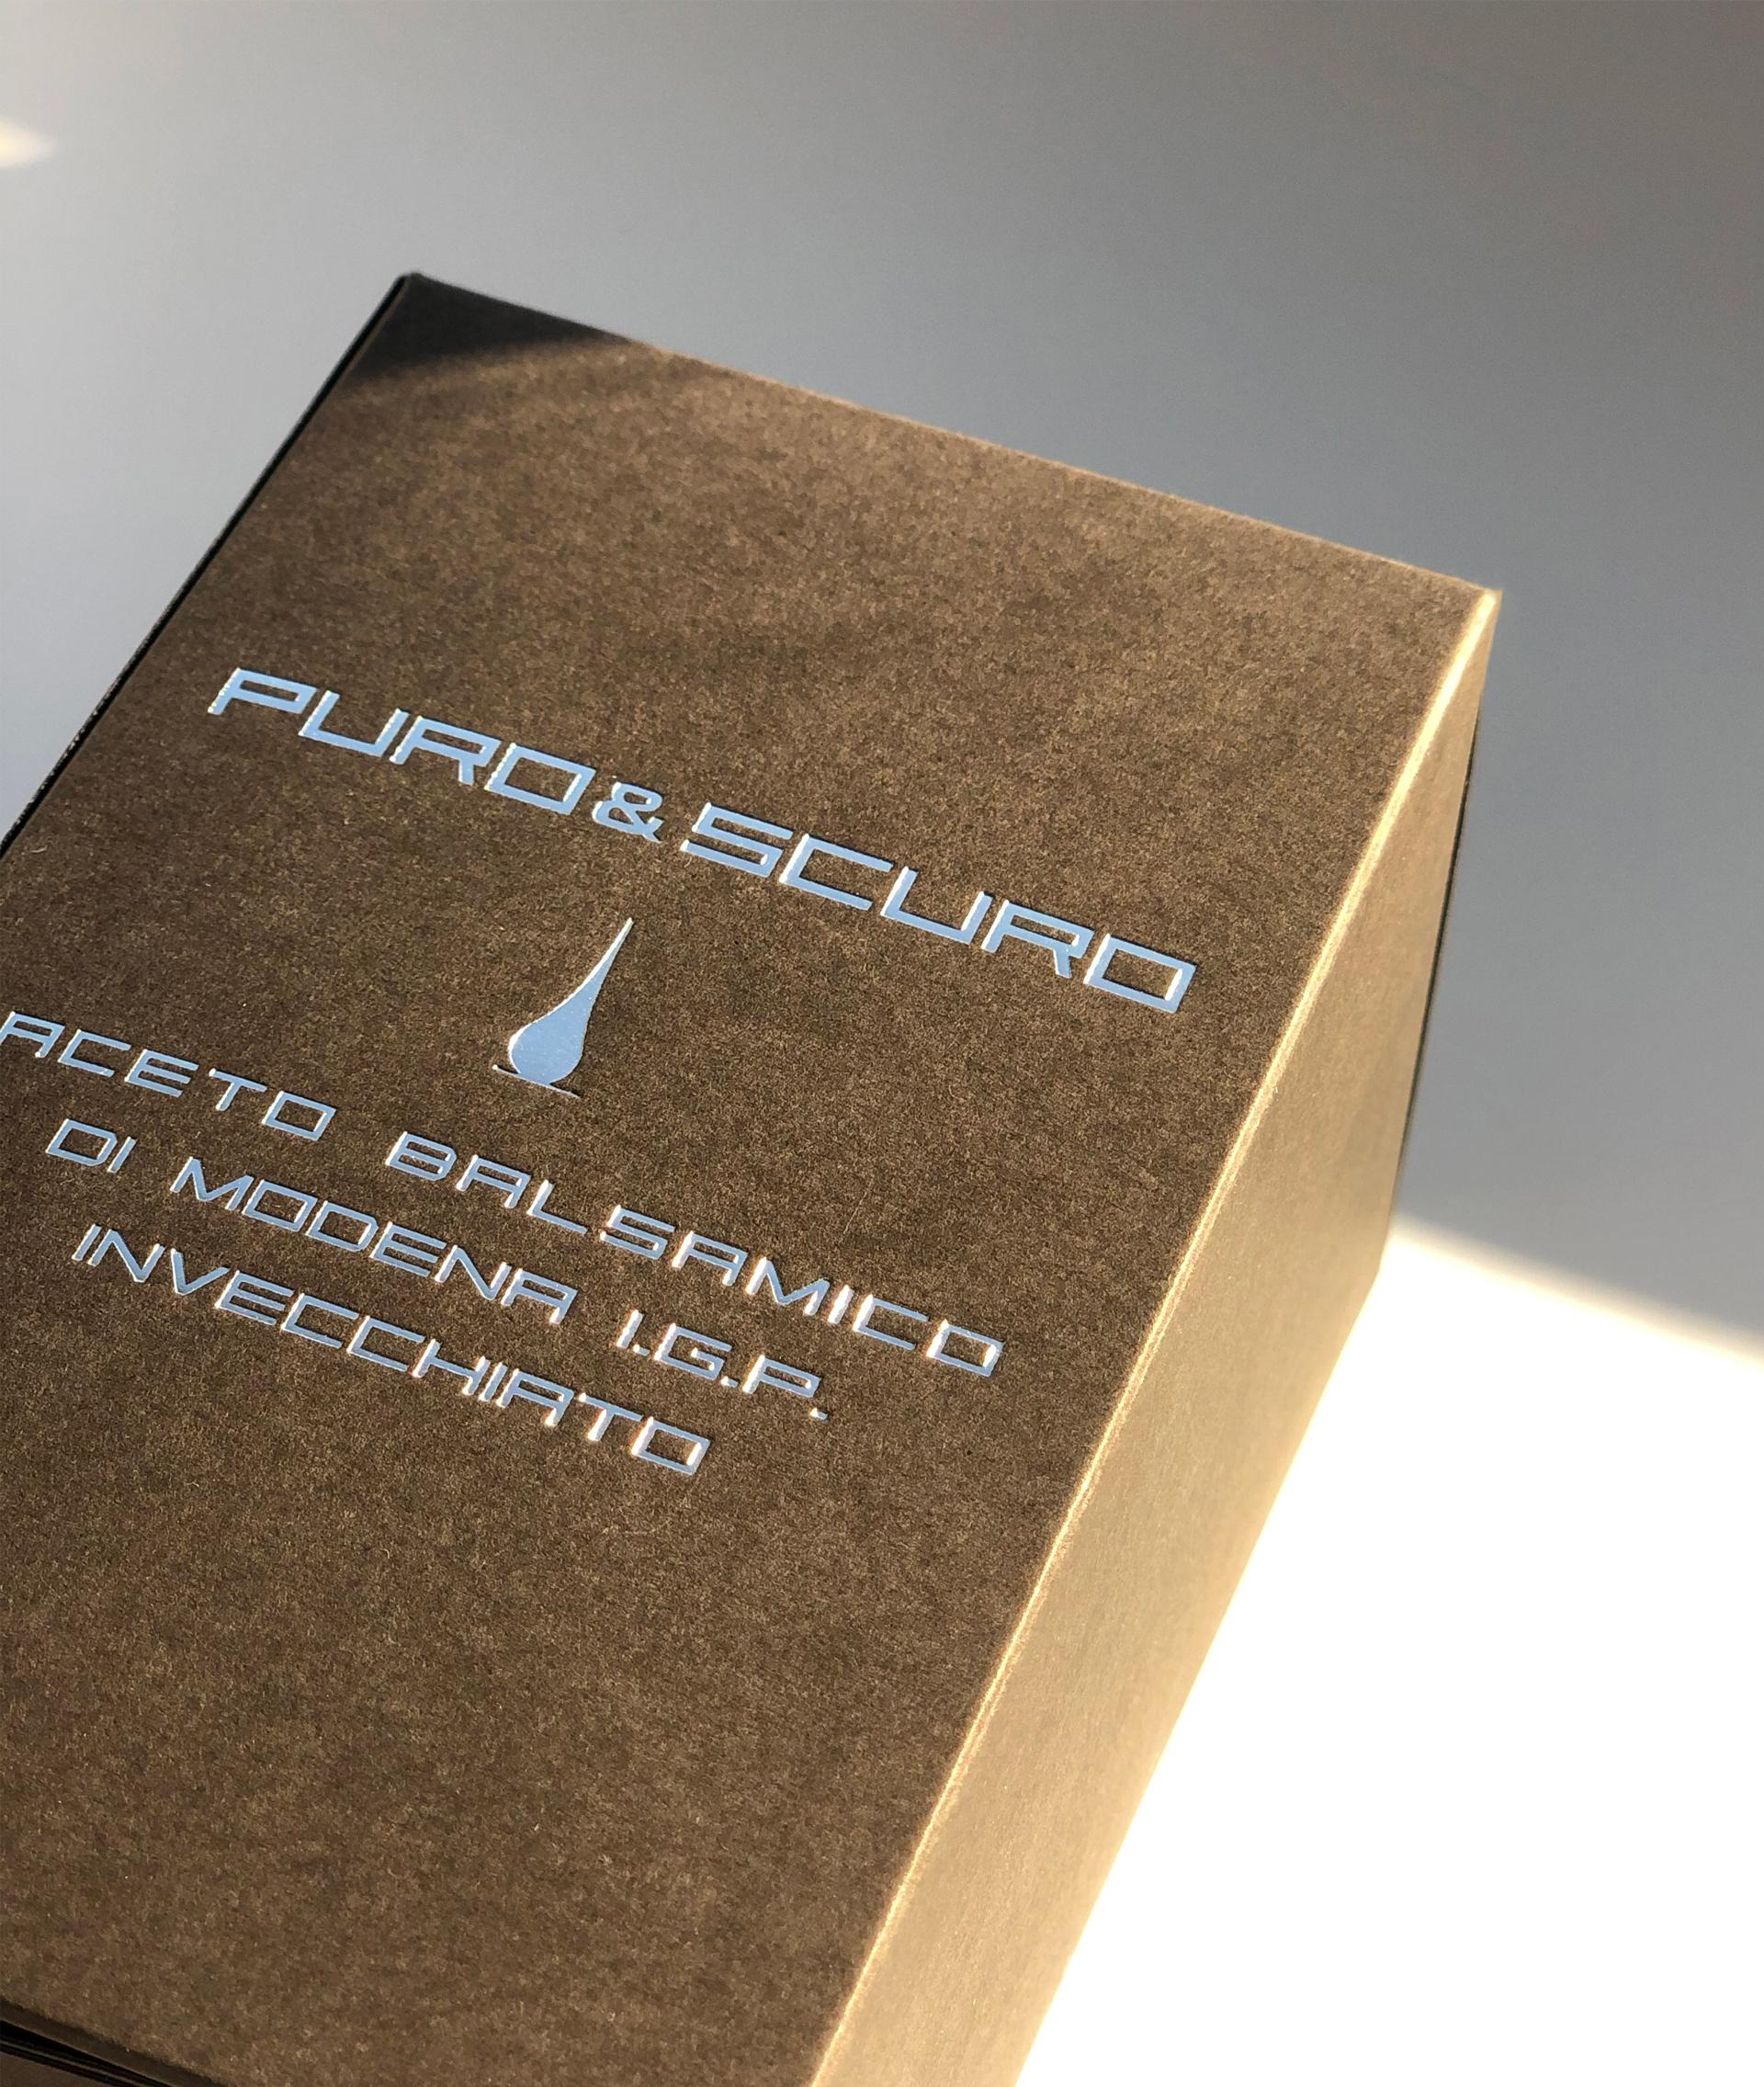 Grafiche_Pioppi_Puro&Scuro_Aceto_Pack_002